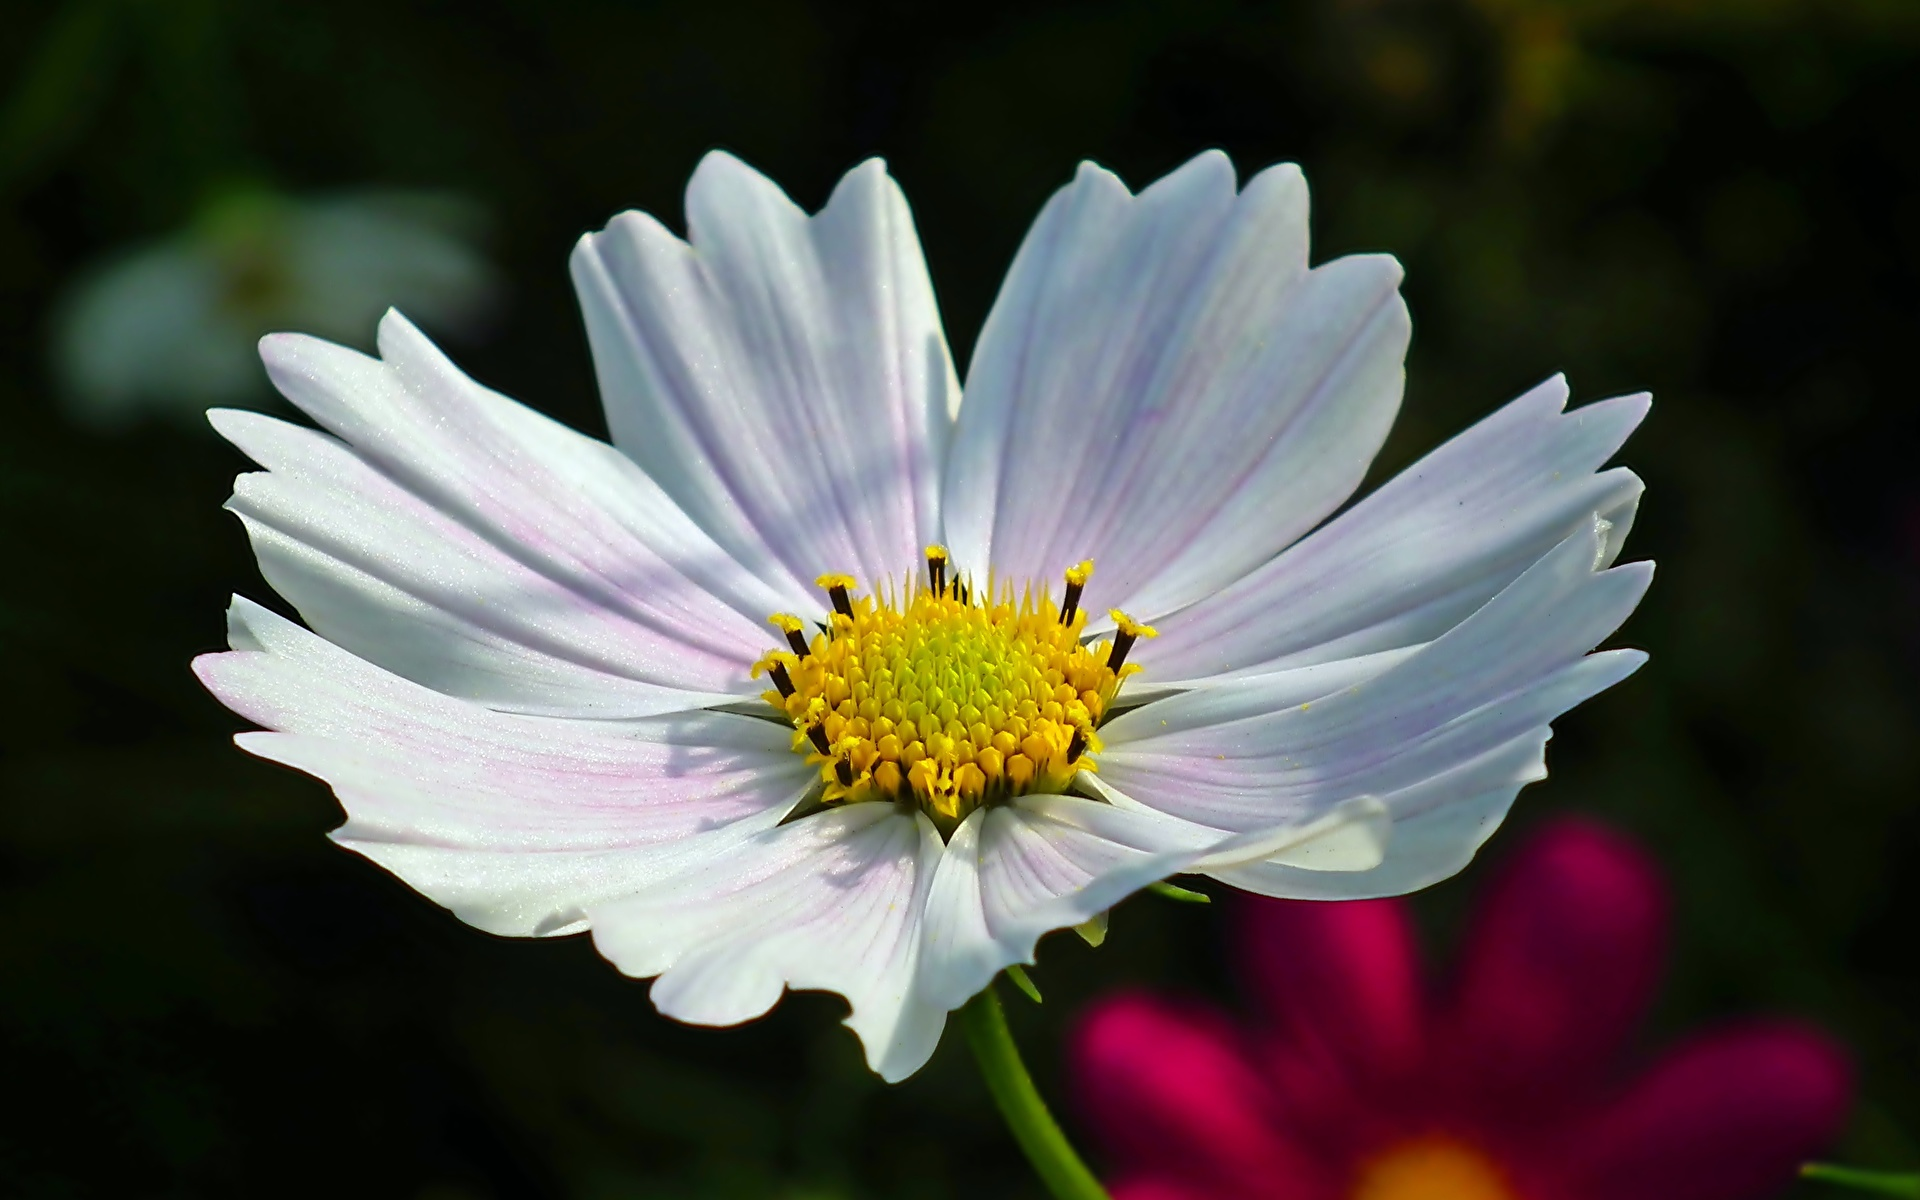 Фото боке белая Цветы Космея вблизи 1920x1200 Размытый фон Белый белые белых цветок Крупным планом